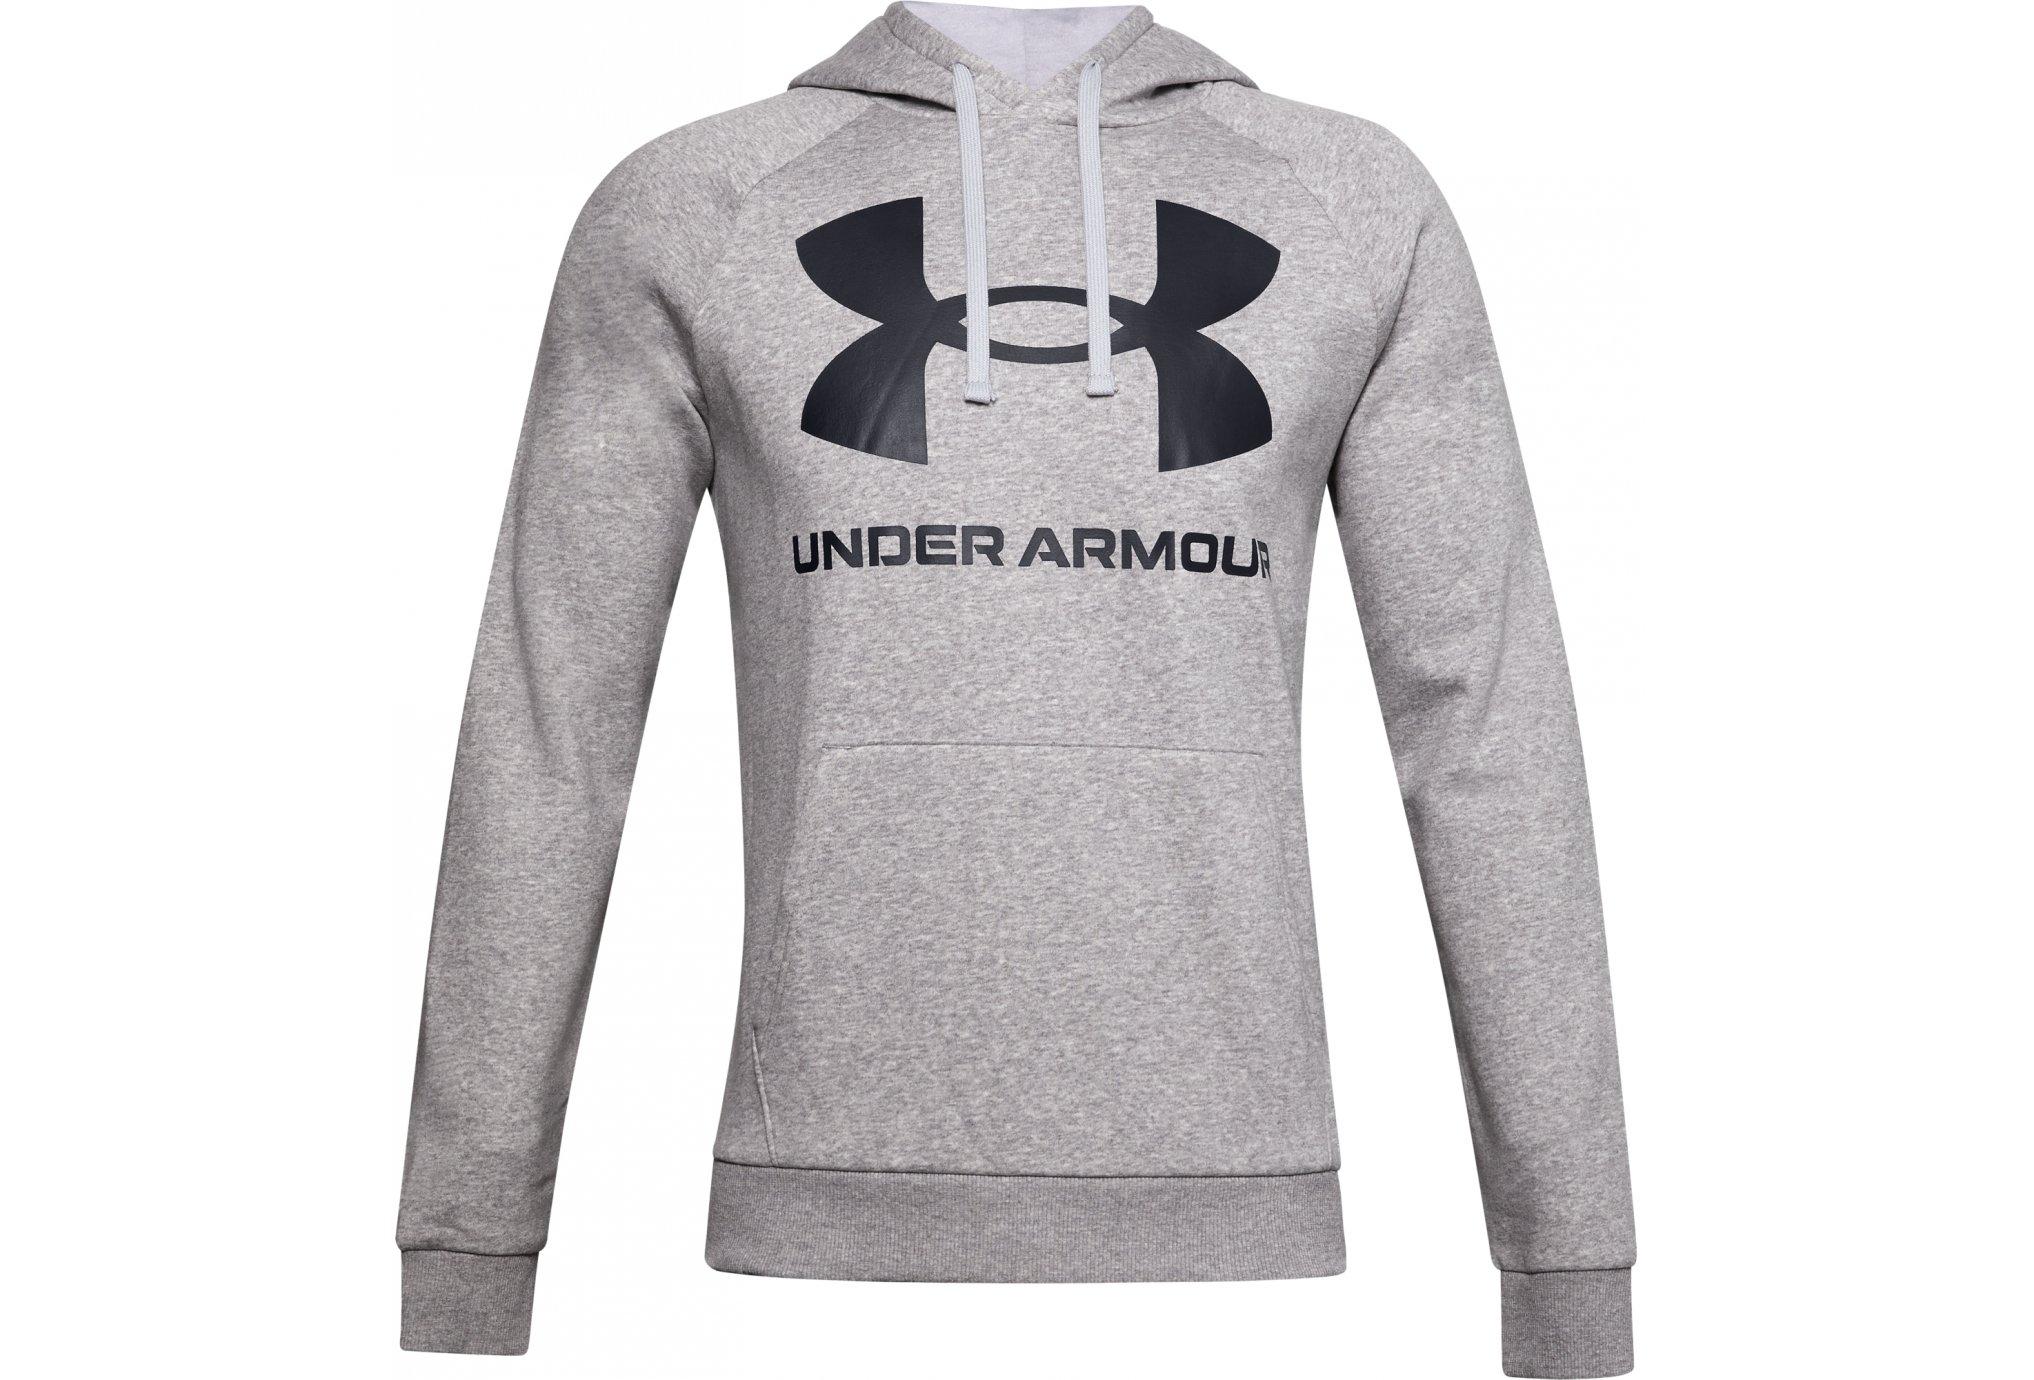 Under Armour Rival Fleece Big Logo M vêtement running homme